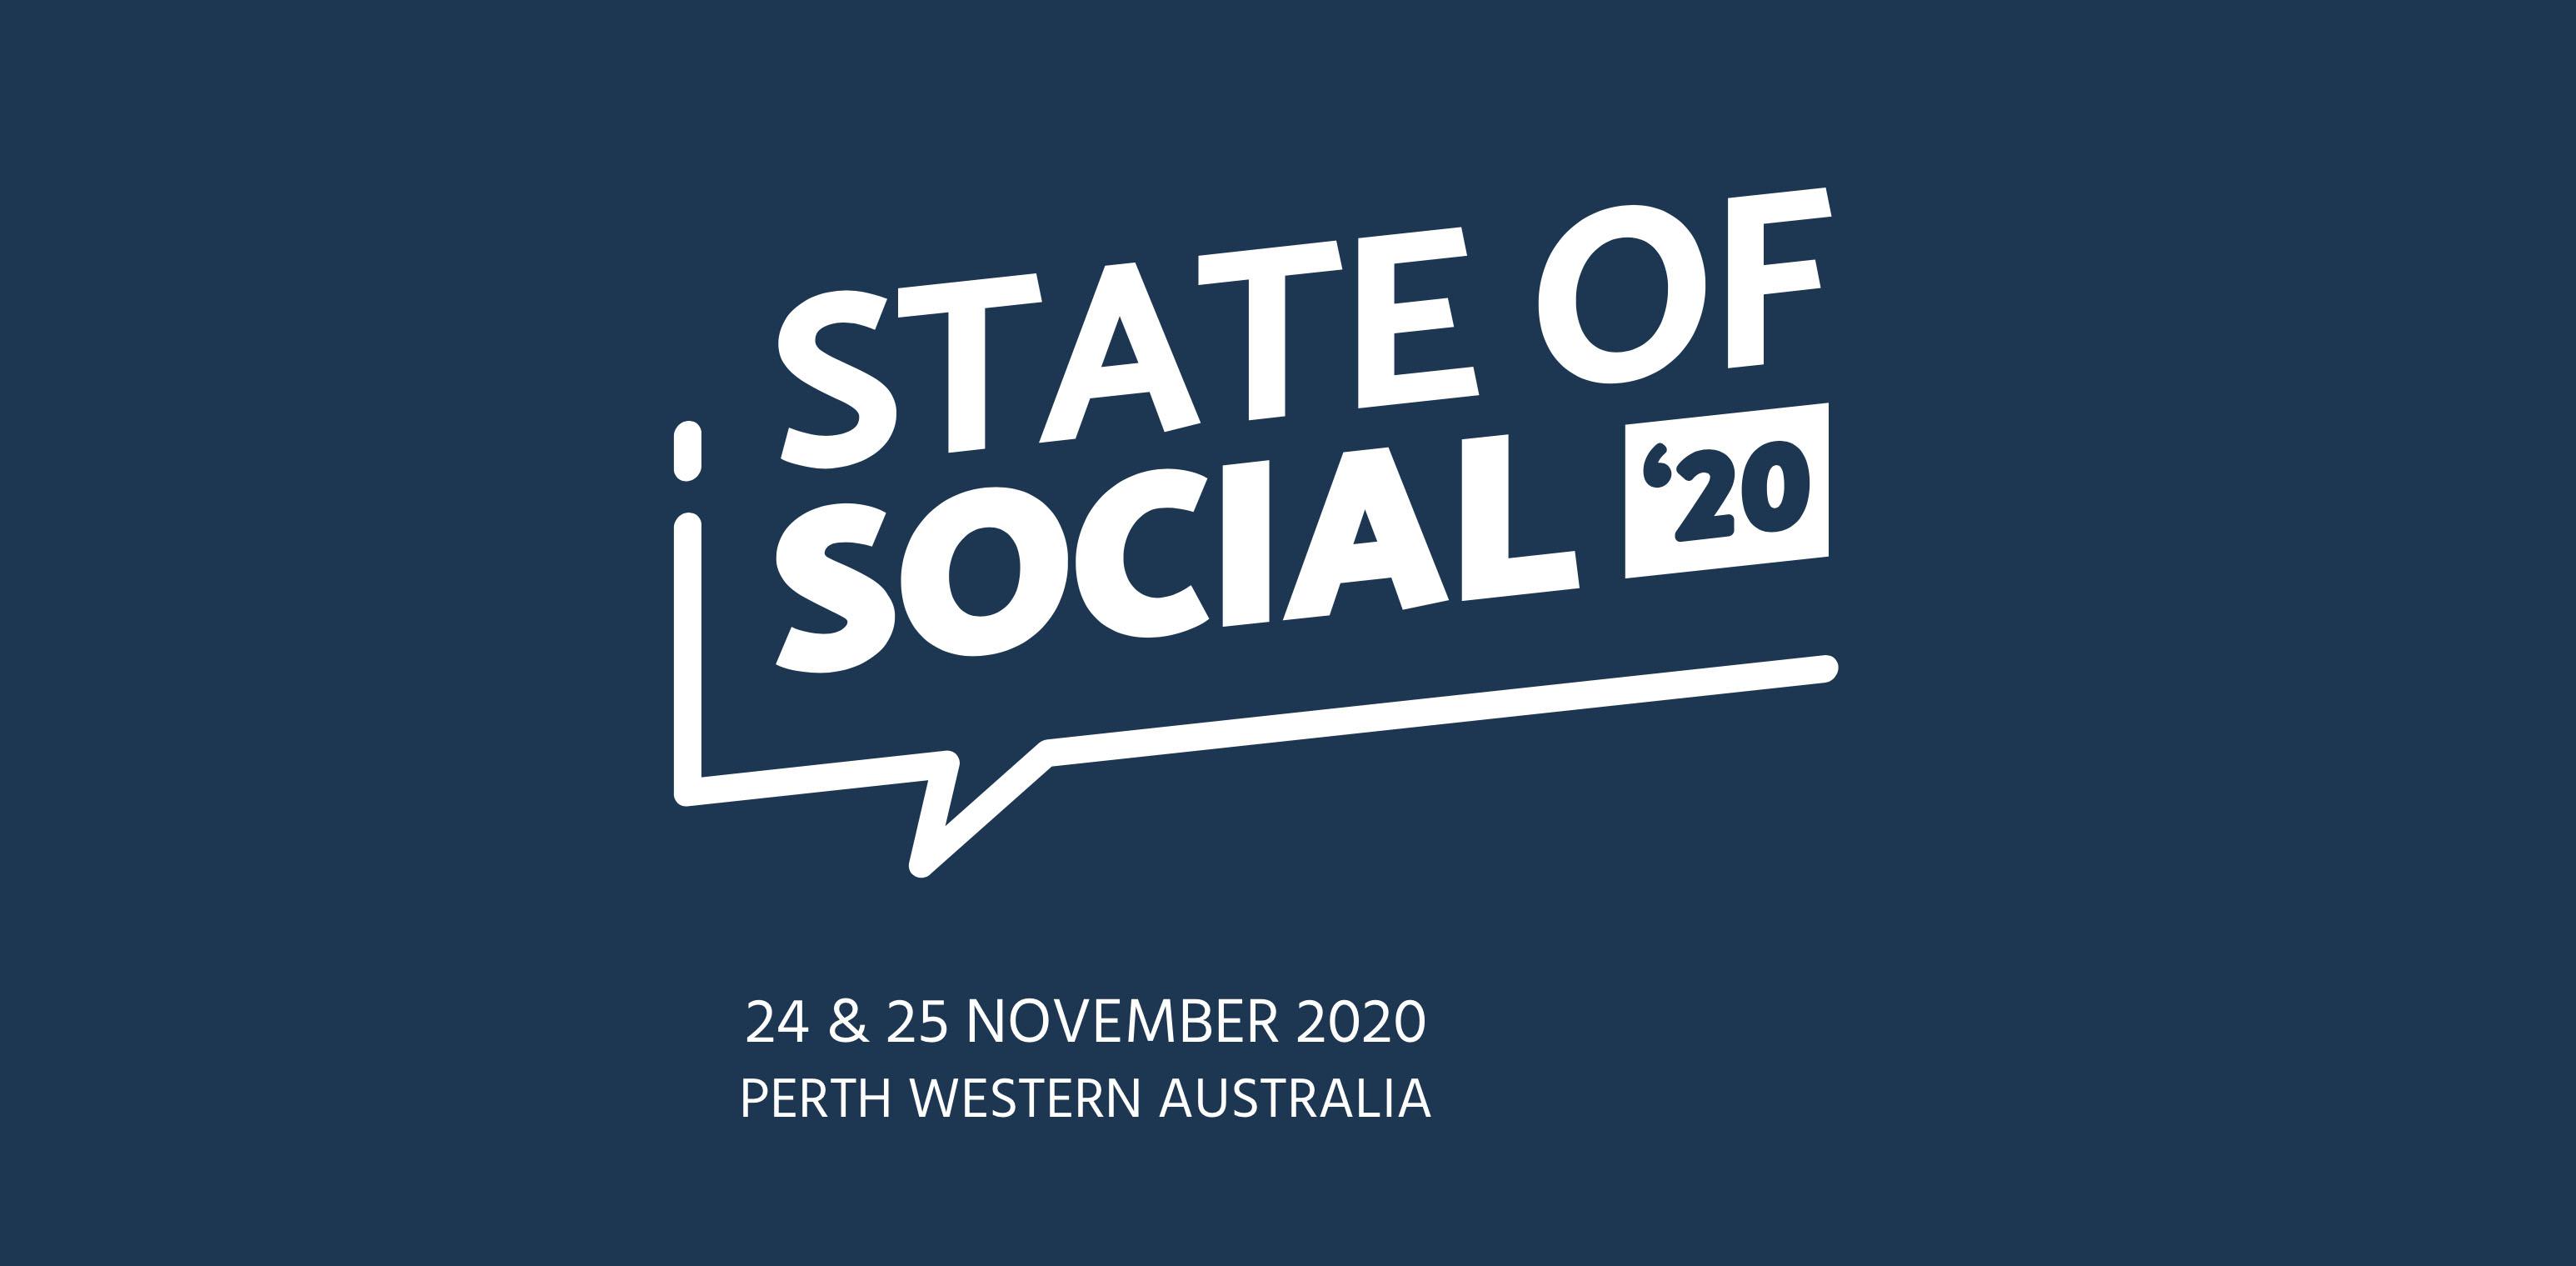 Social Media Conference State of Social postponed to November 24 & 25